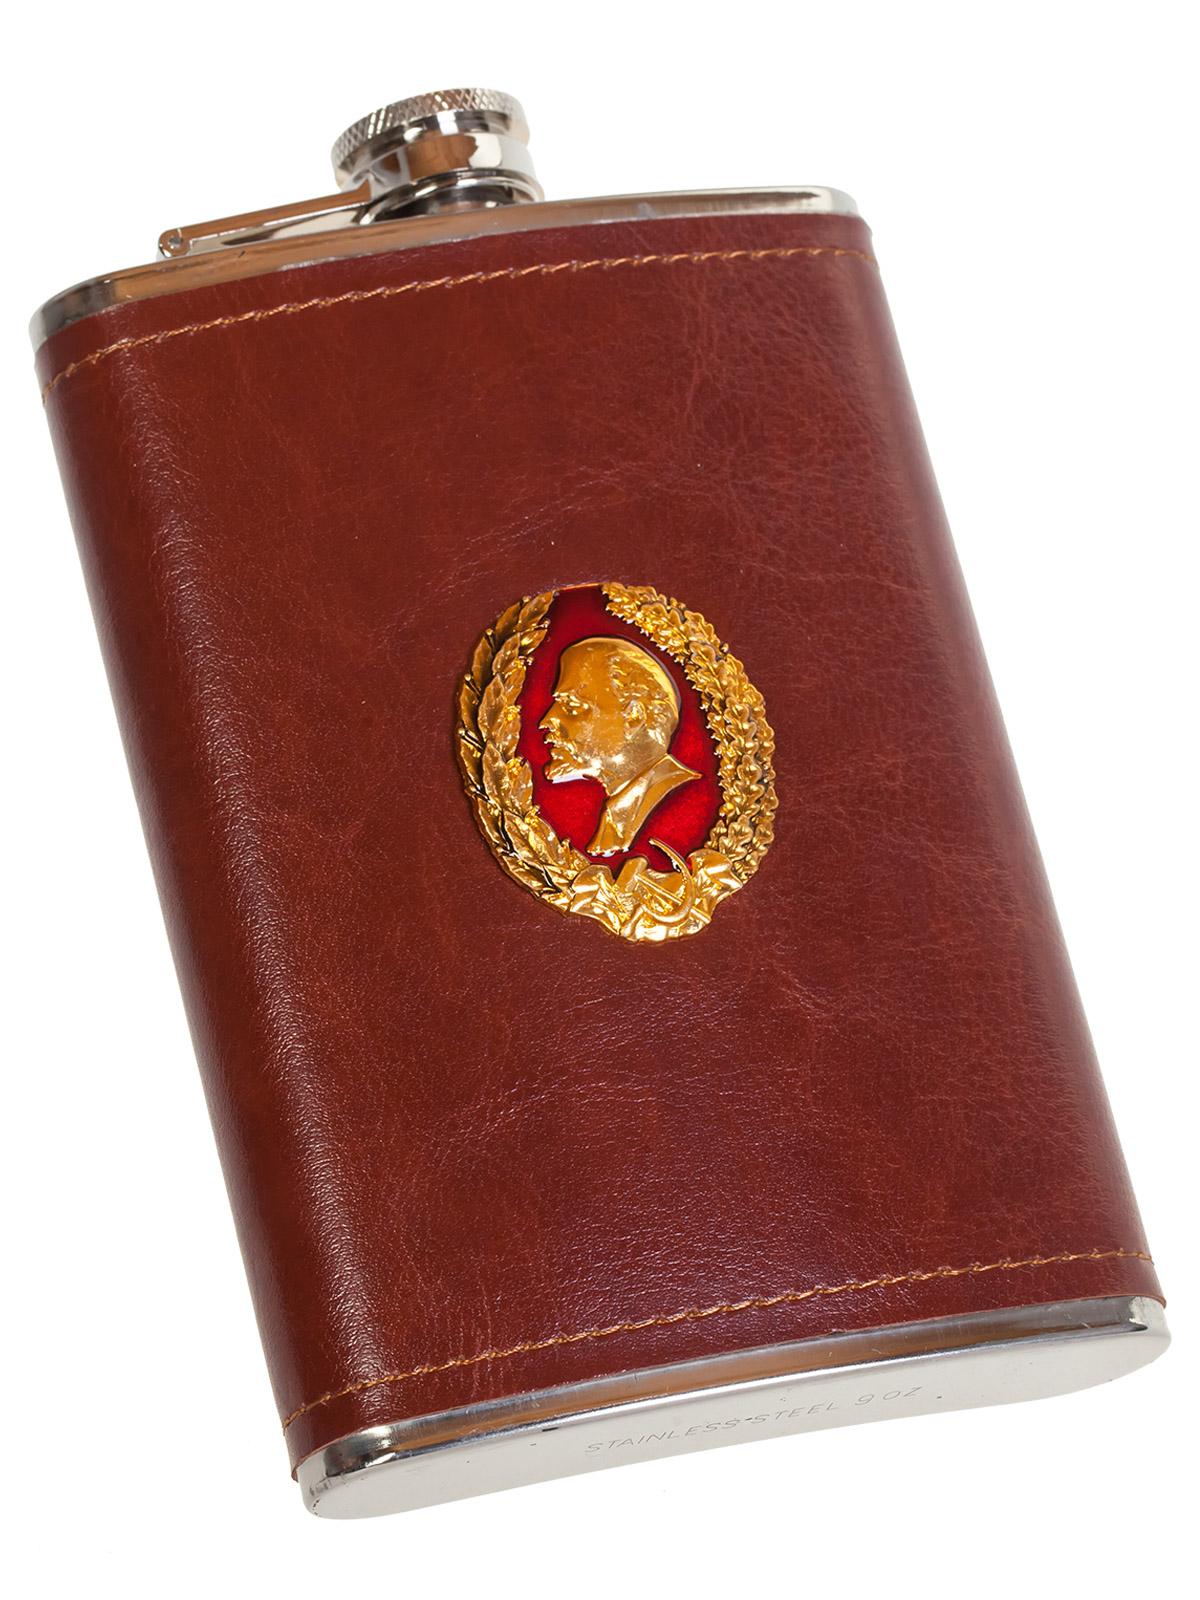 Нержавеющая фляжка в коже с профилем В. И. Ленина - купить выгодно